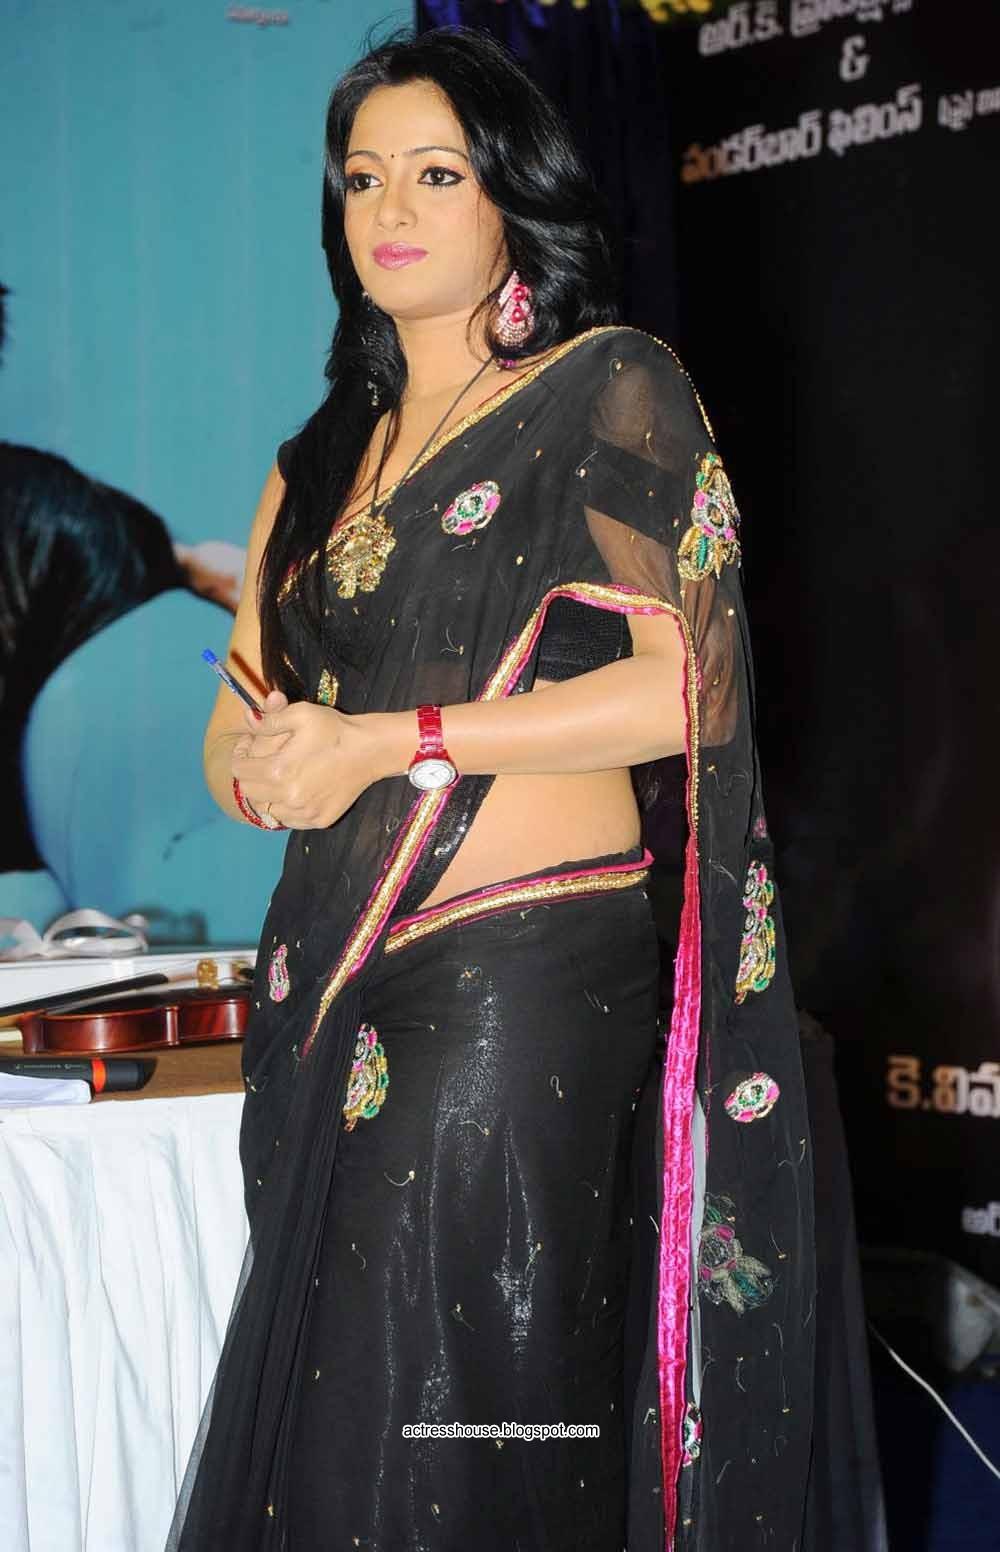 Udaya Bhanu,Udaya Bhanu stills,actress Udaya Bhanu,Udaya Bhanu latest ...